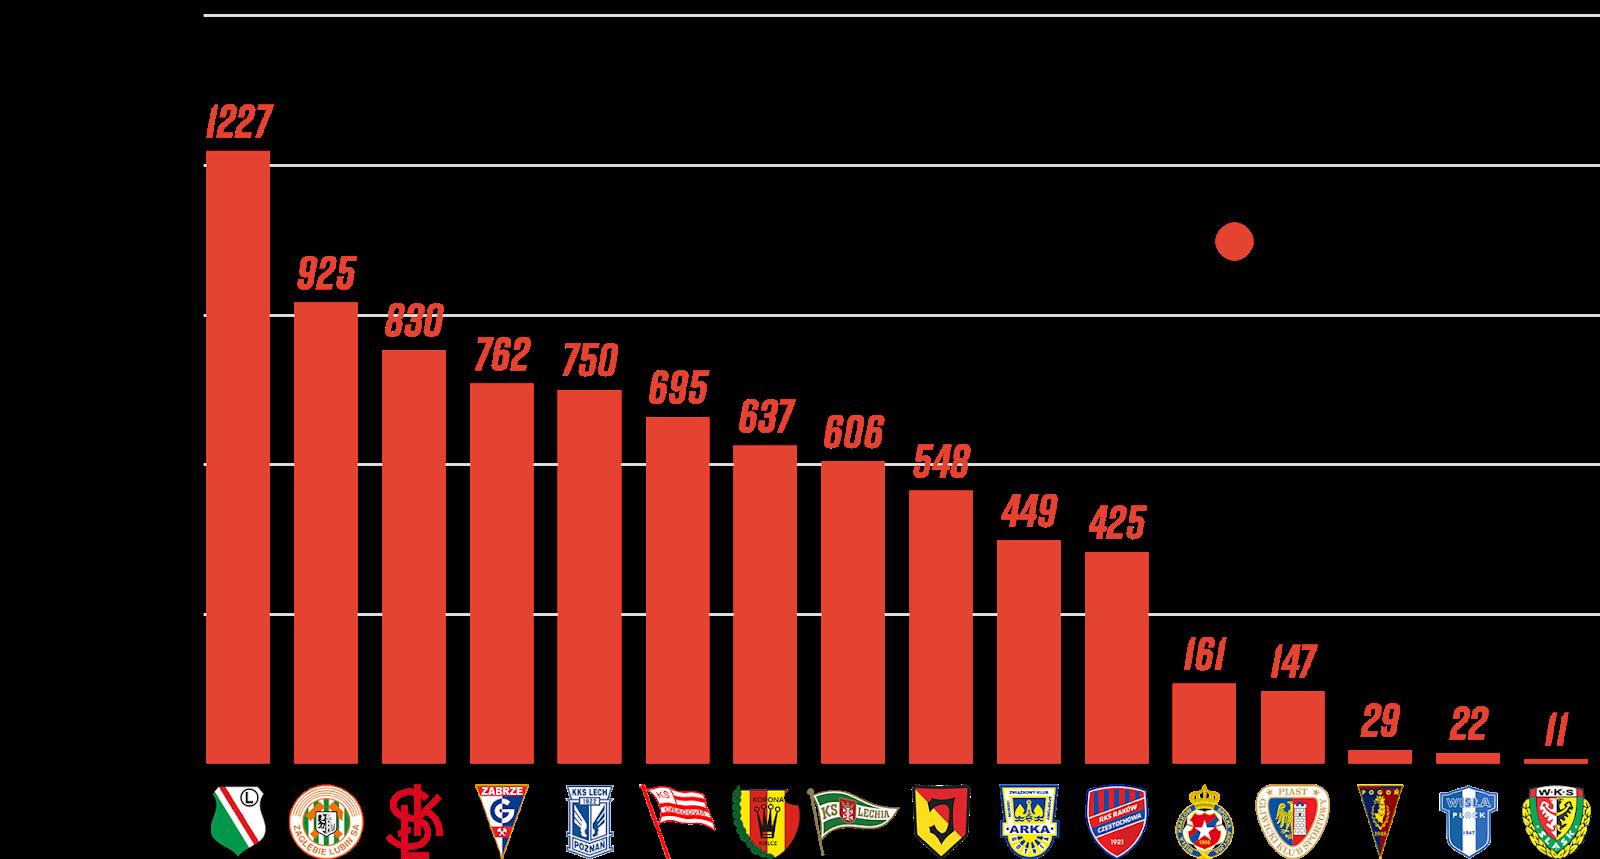 Klasyfikacja klubów pod względem rozegranych minut przez młodzieżowców z rocznika 1999 i młodsi po 9. kolejce PKO Ekstraklasy<br><br>Źródło: Opracowanie własne na podstawie ekstrastats.pl<br><br>graf. Bartosz Urban